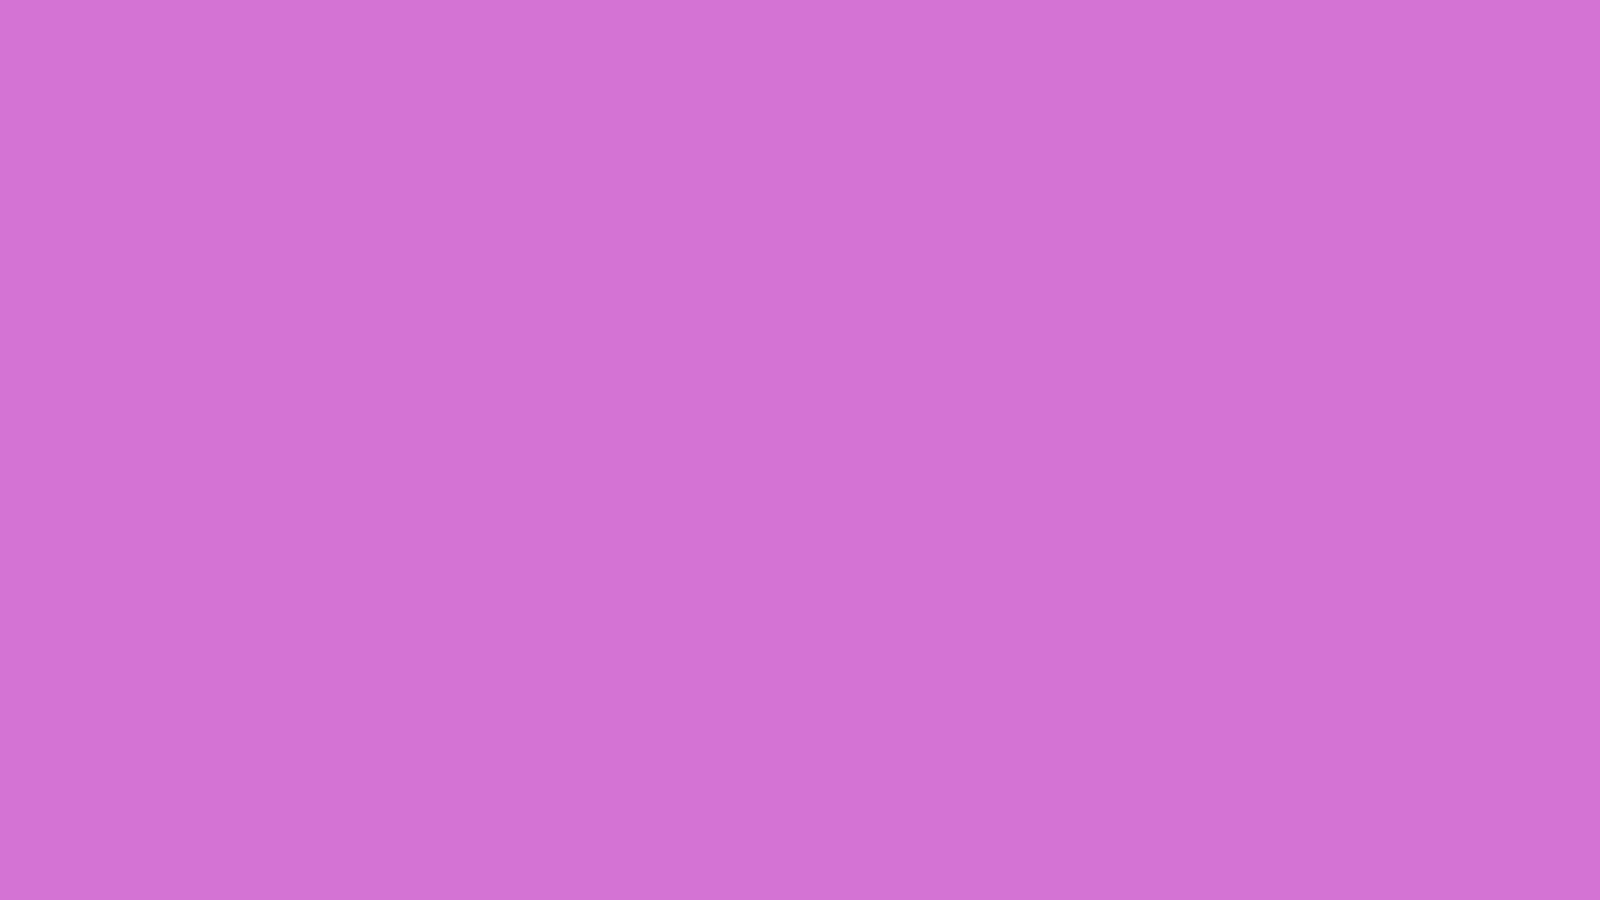 1600x900 Deep Mauve Solid Color Background